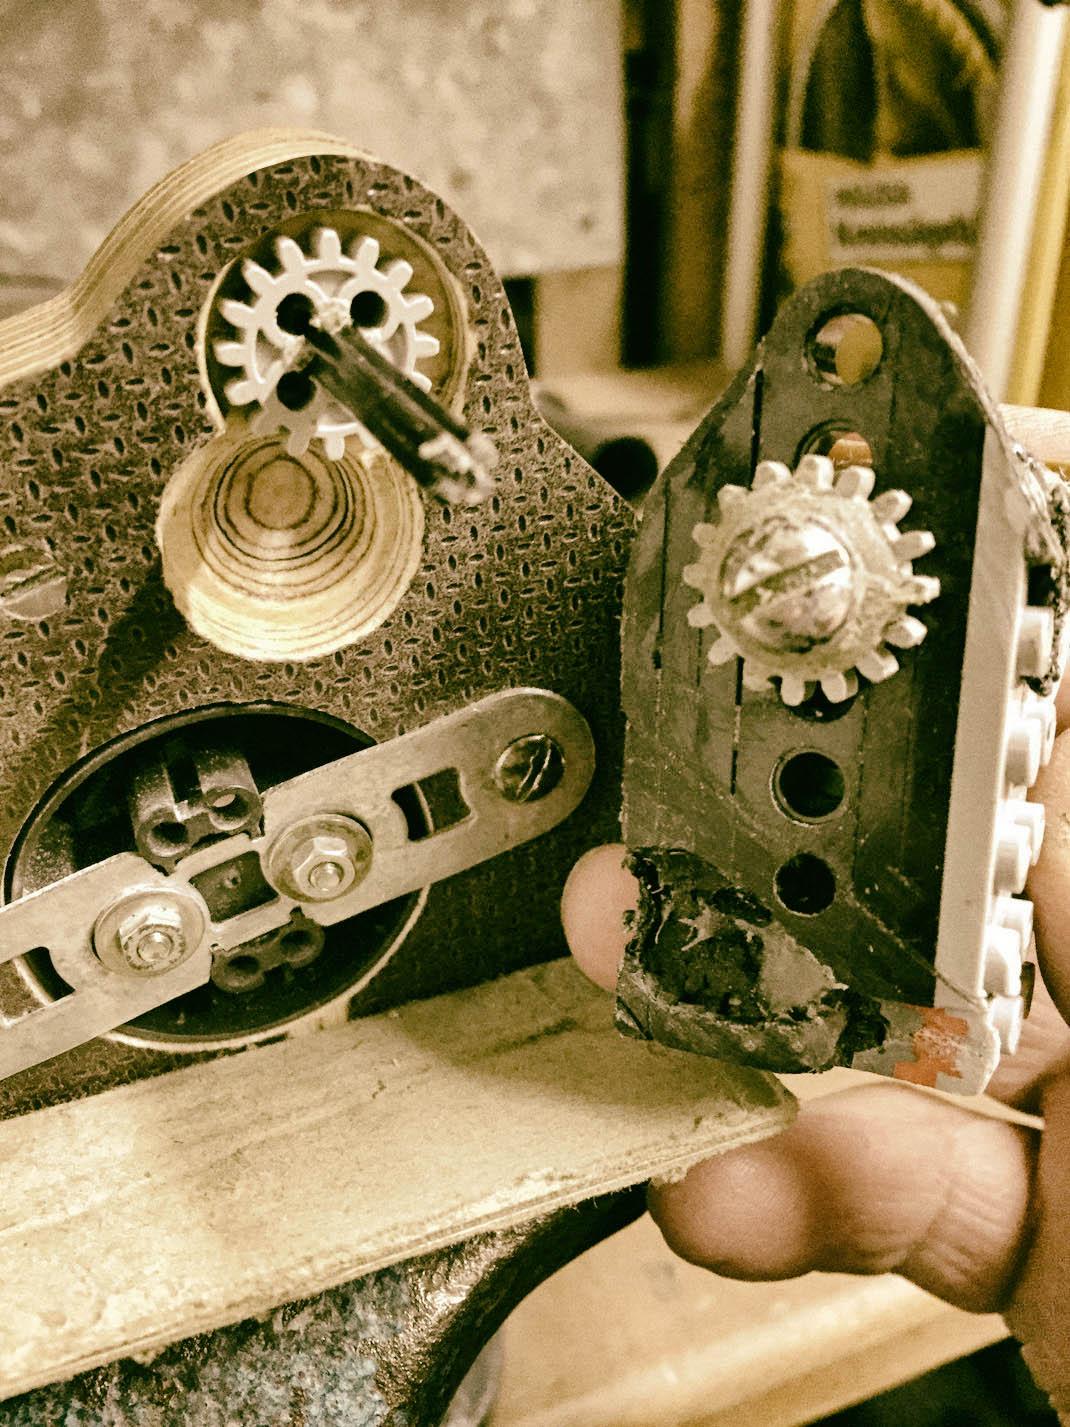 Das SchalterGetriebe zeigt auf das Oberteil der Lampe, in das es einrastet.